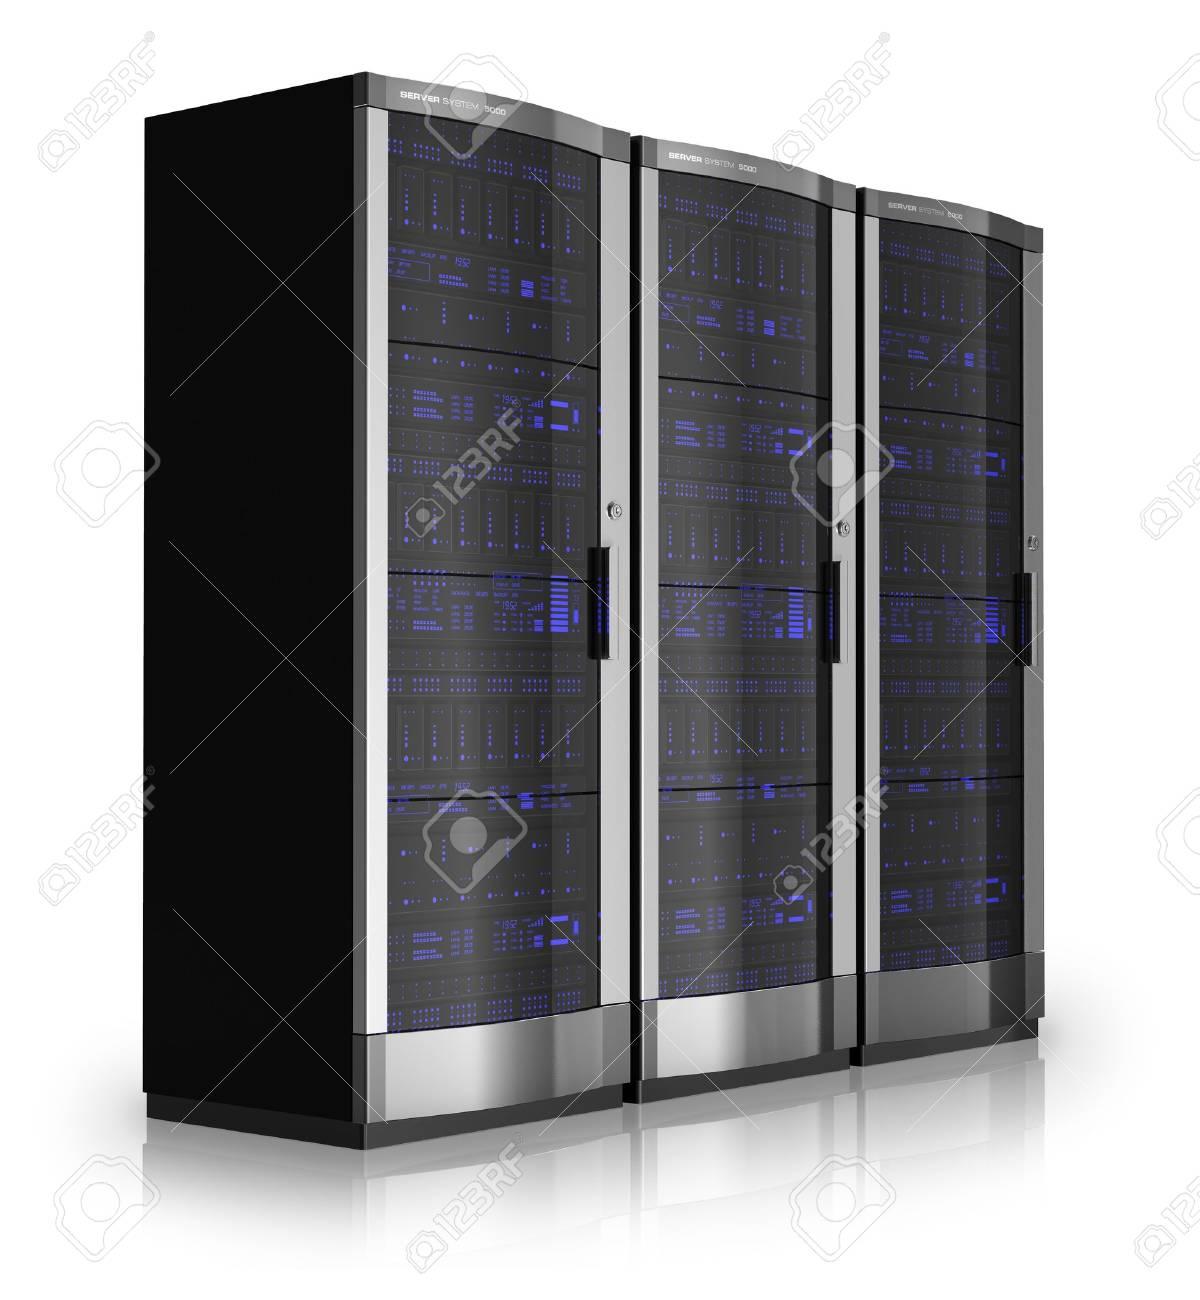 Server racks isolated on white reflective background Stock Photo - 9832576